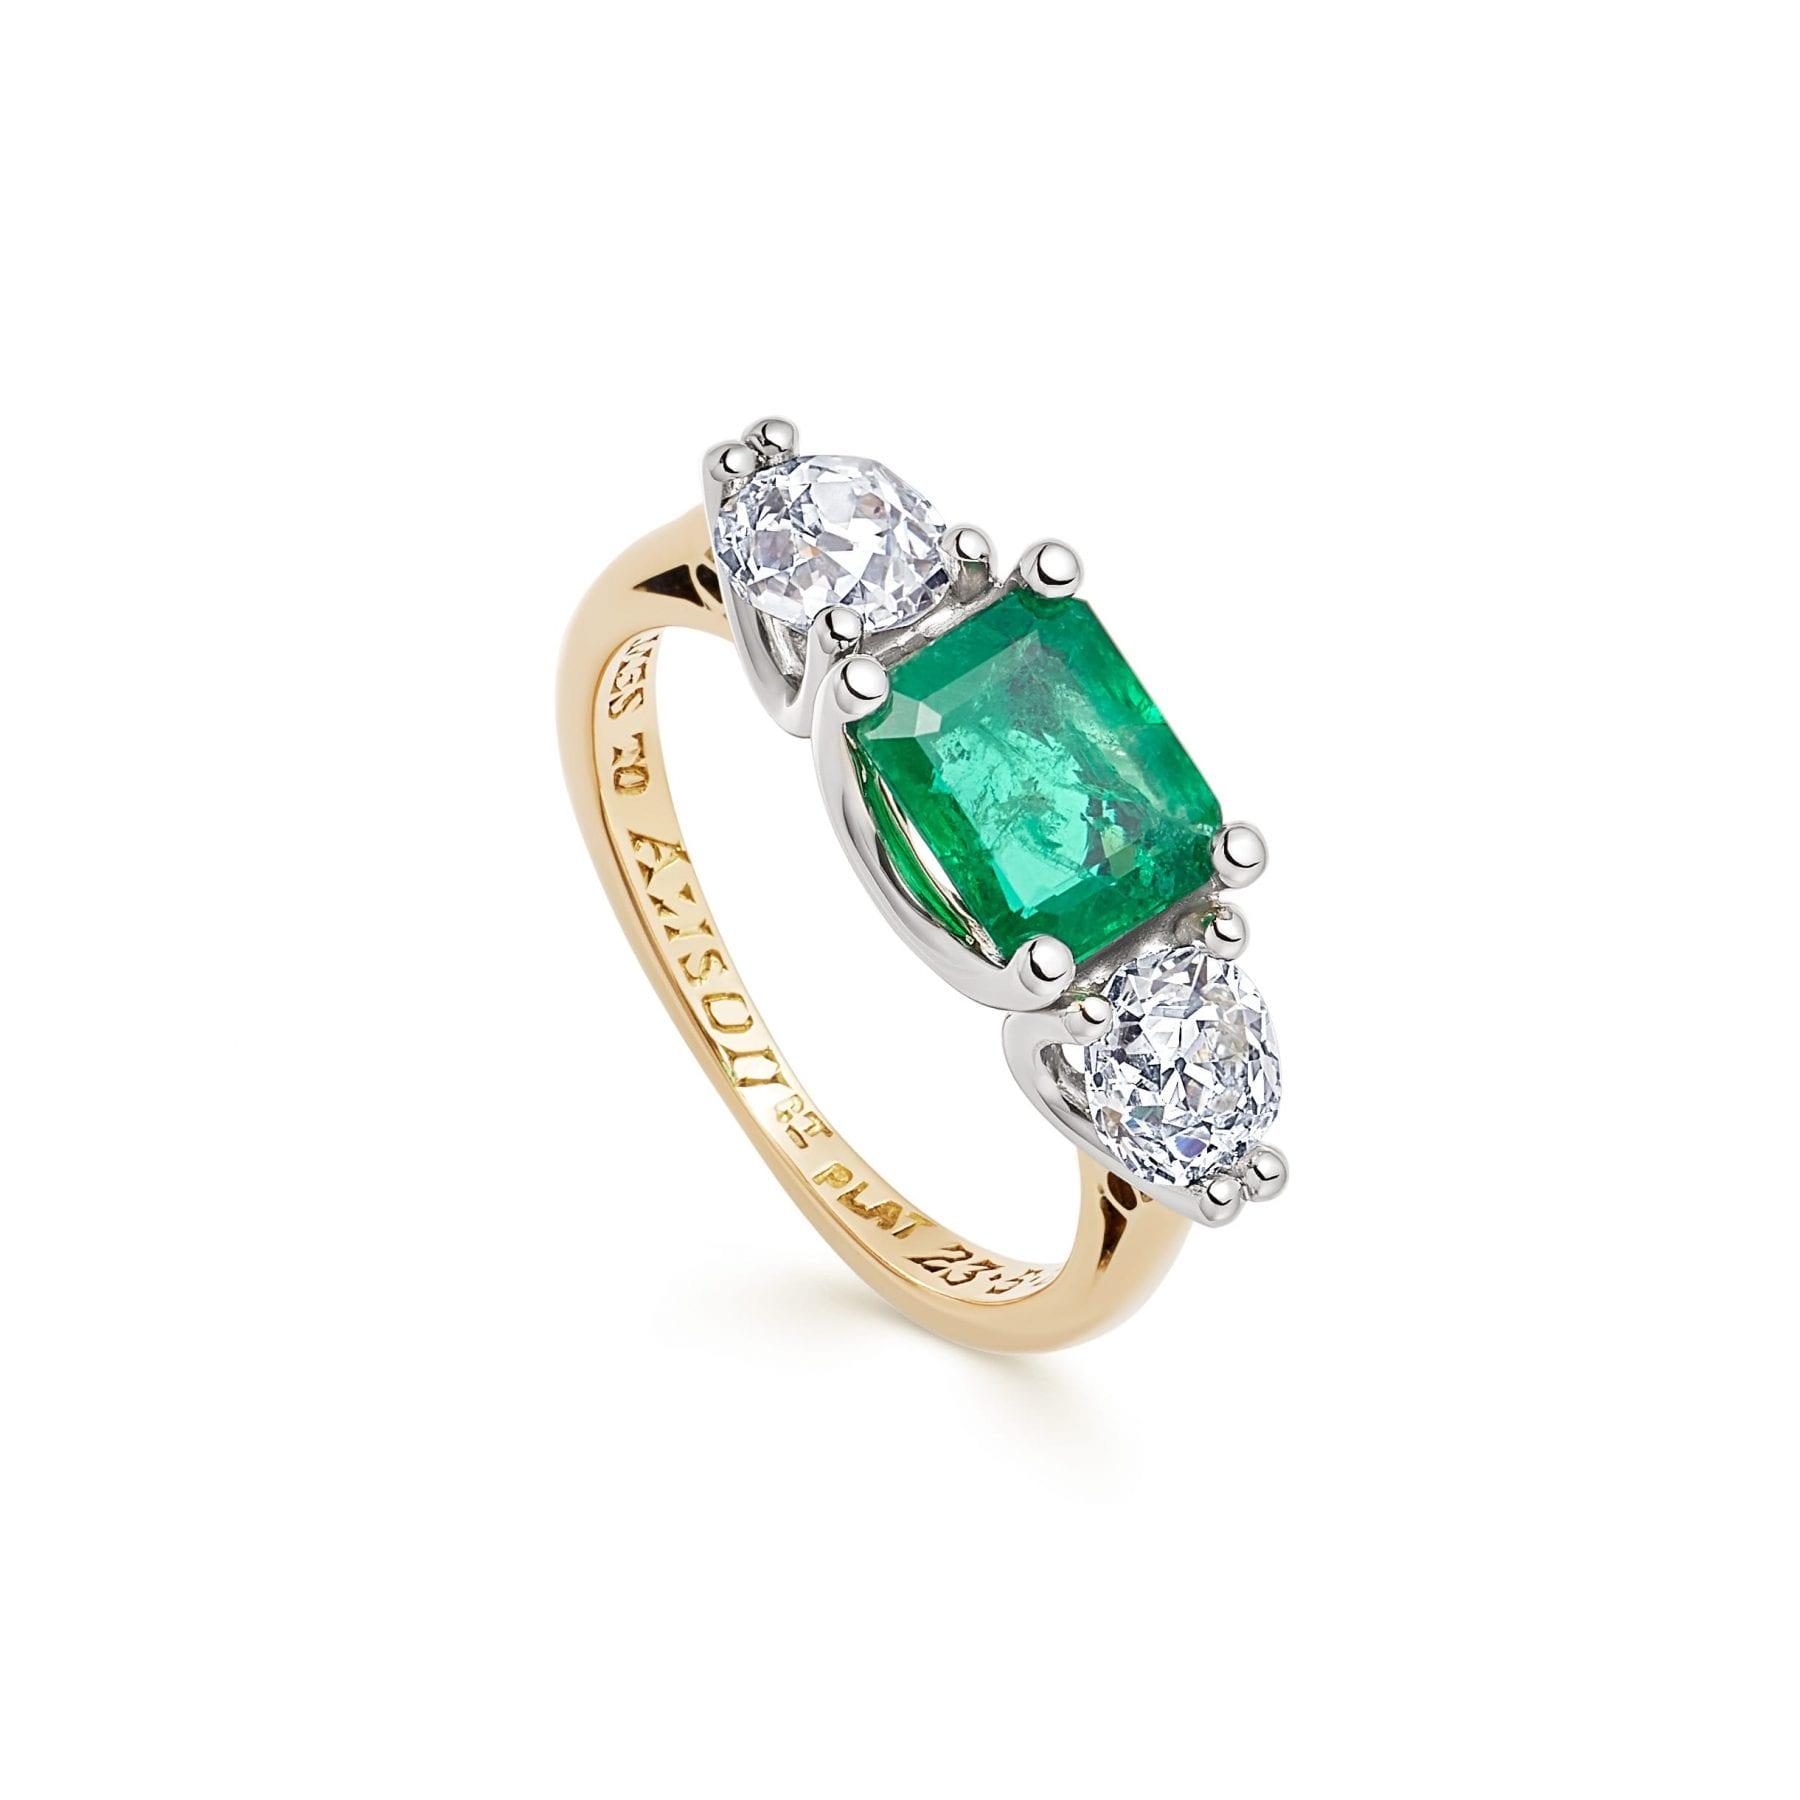 Octavia Jewellery | Bespoke fine jewellery | Based in London